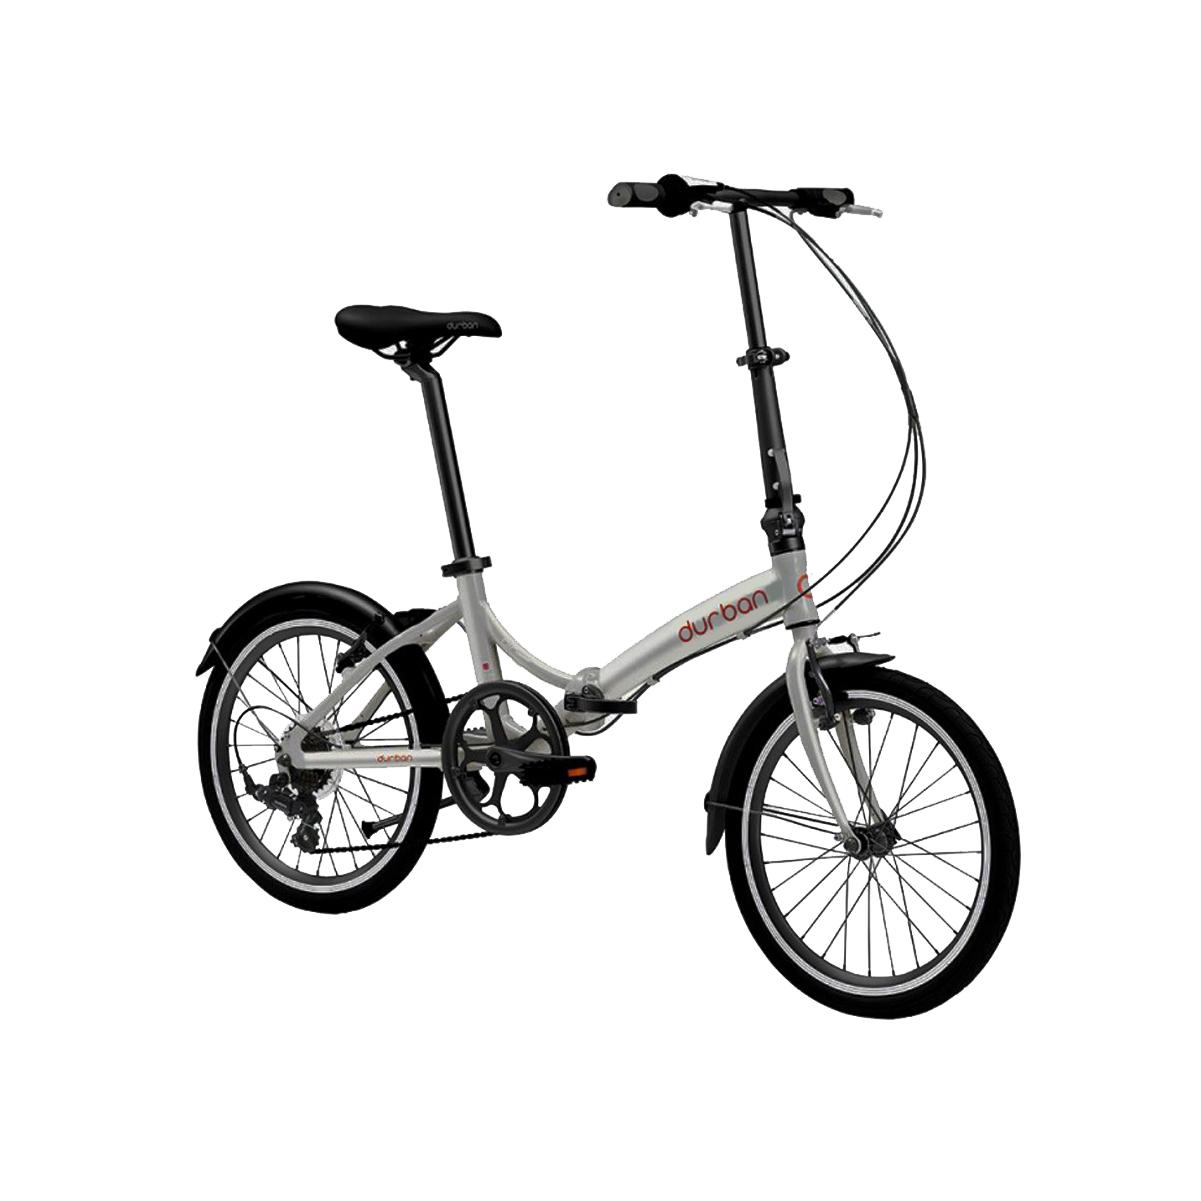 Bicicleta Dobrável Durban Aro 20 Aço 6 Velocidade Rio Prata